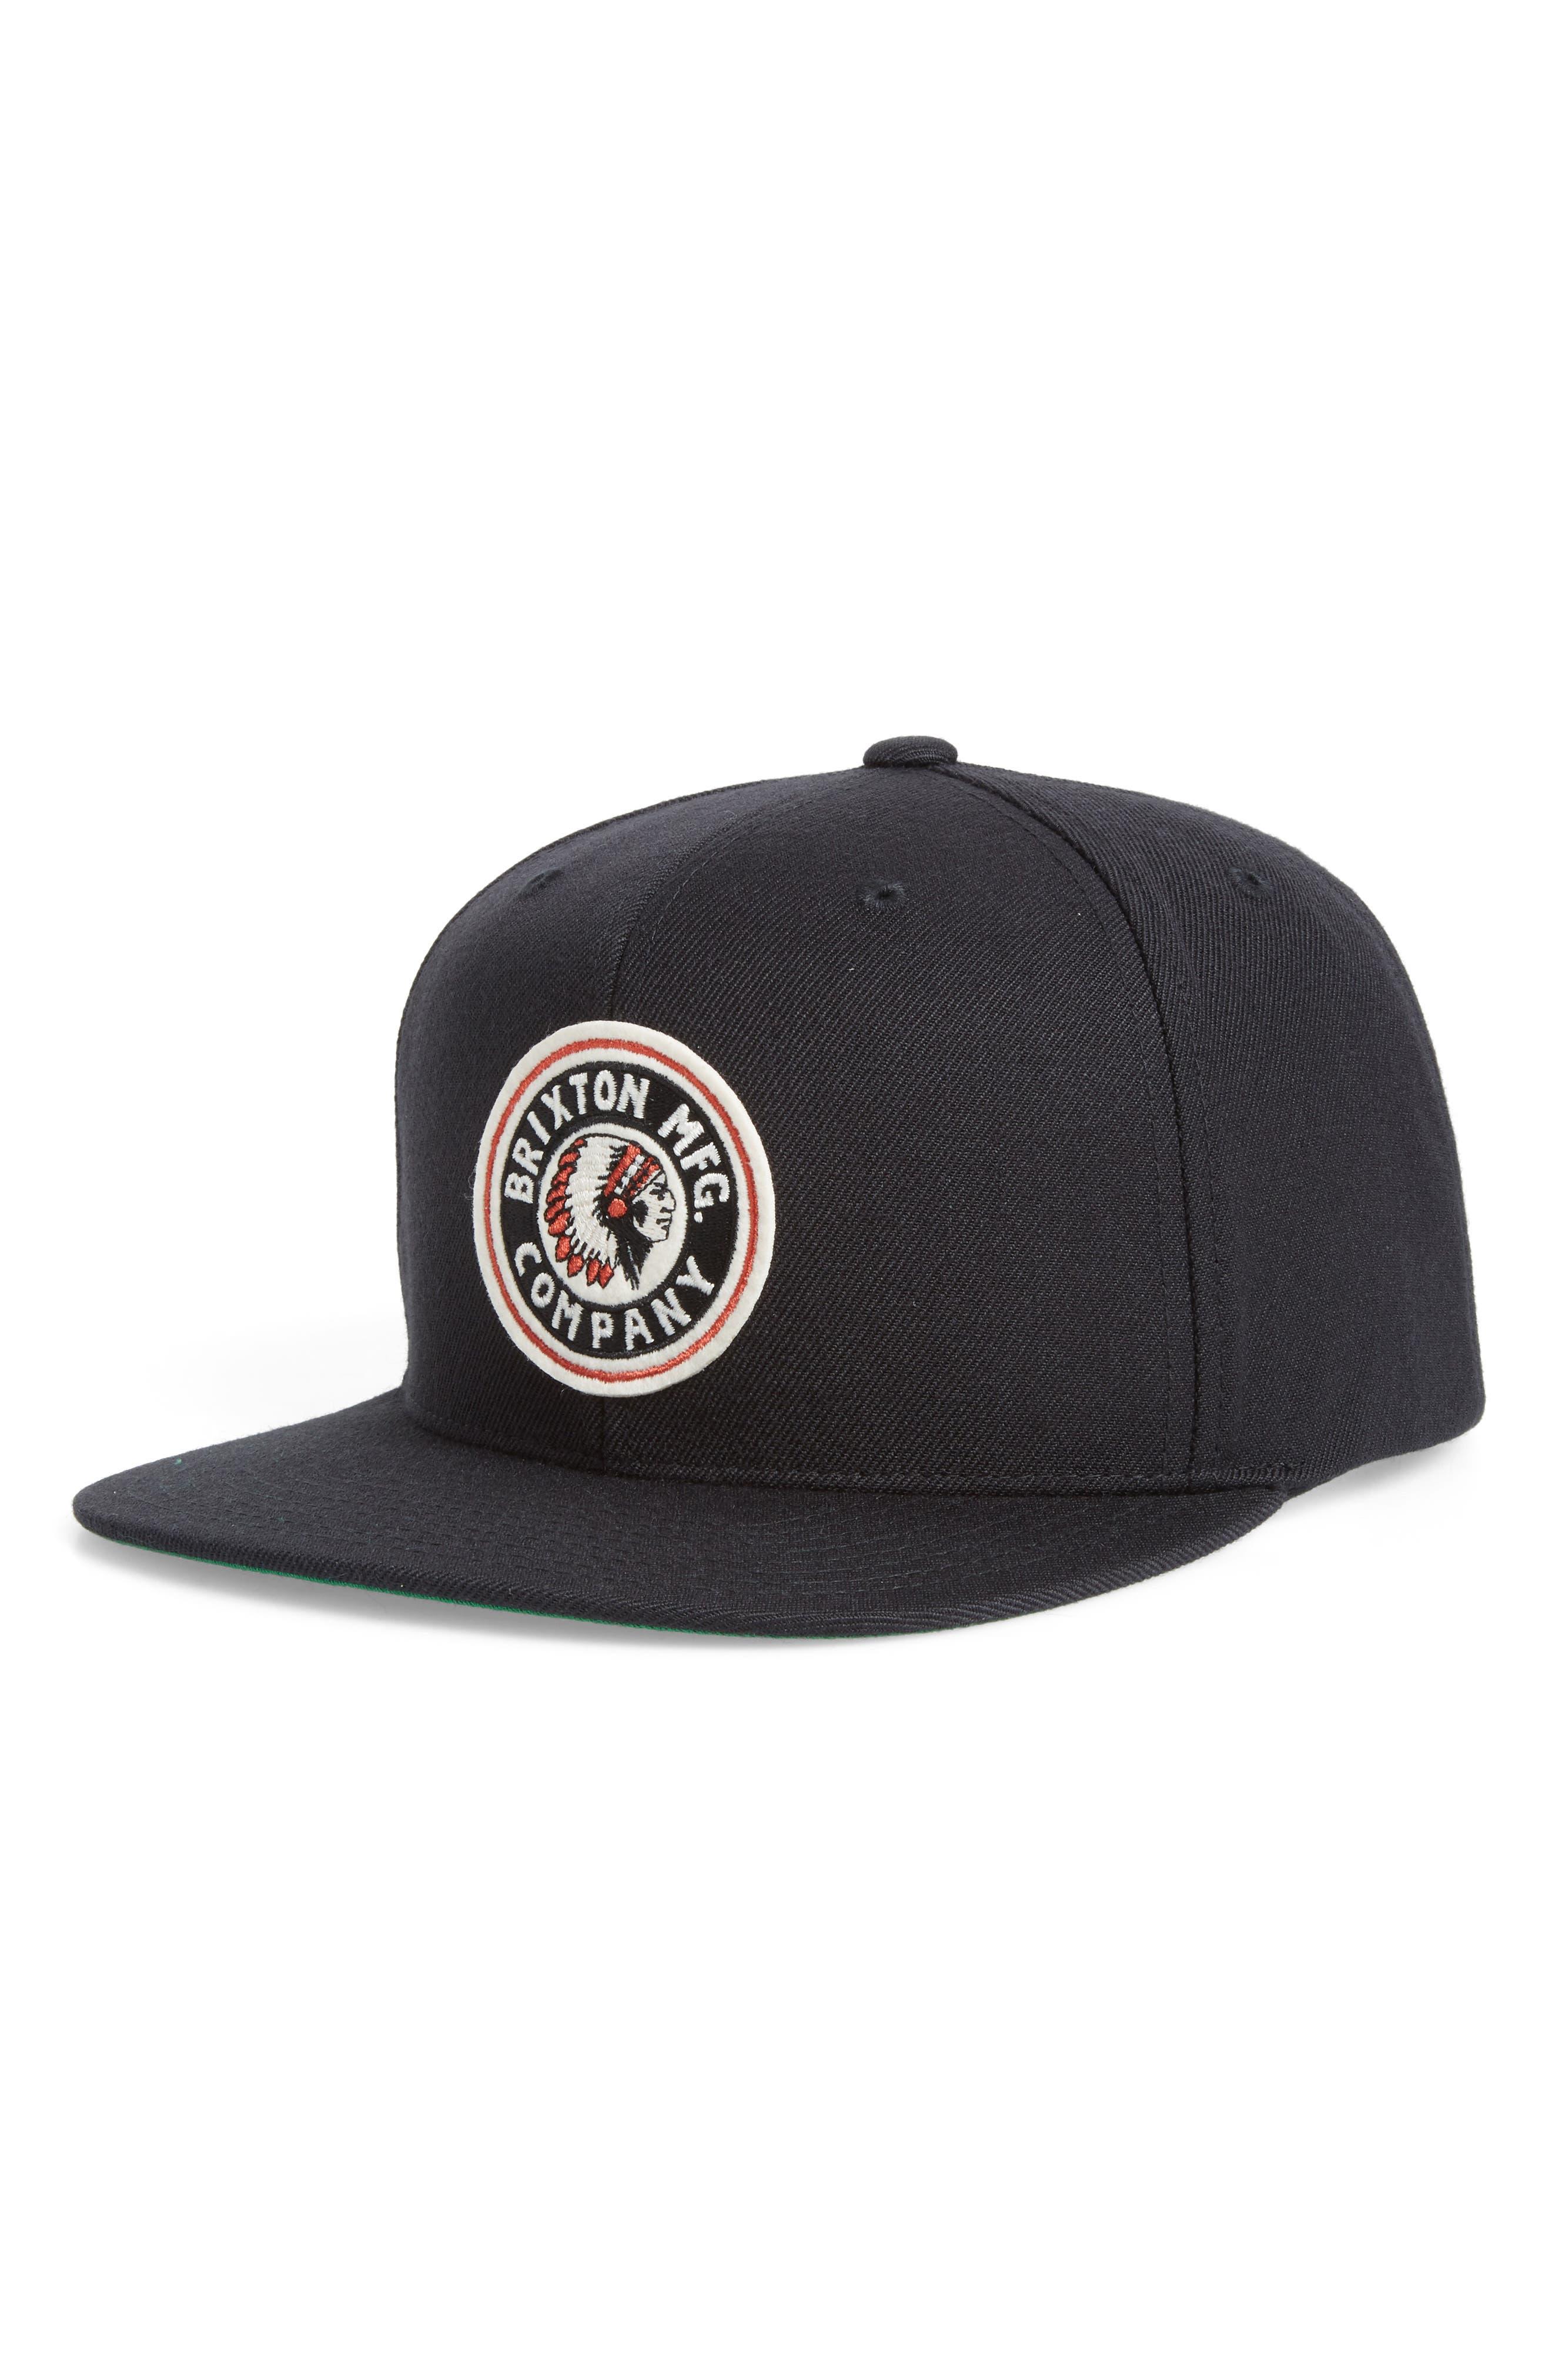 319da976e5c hat